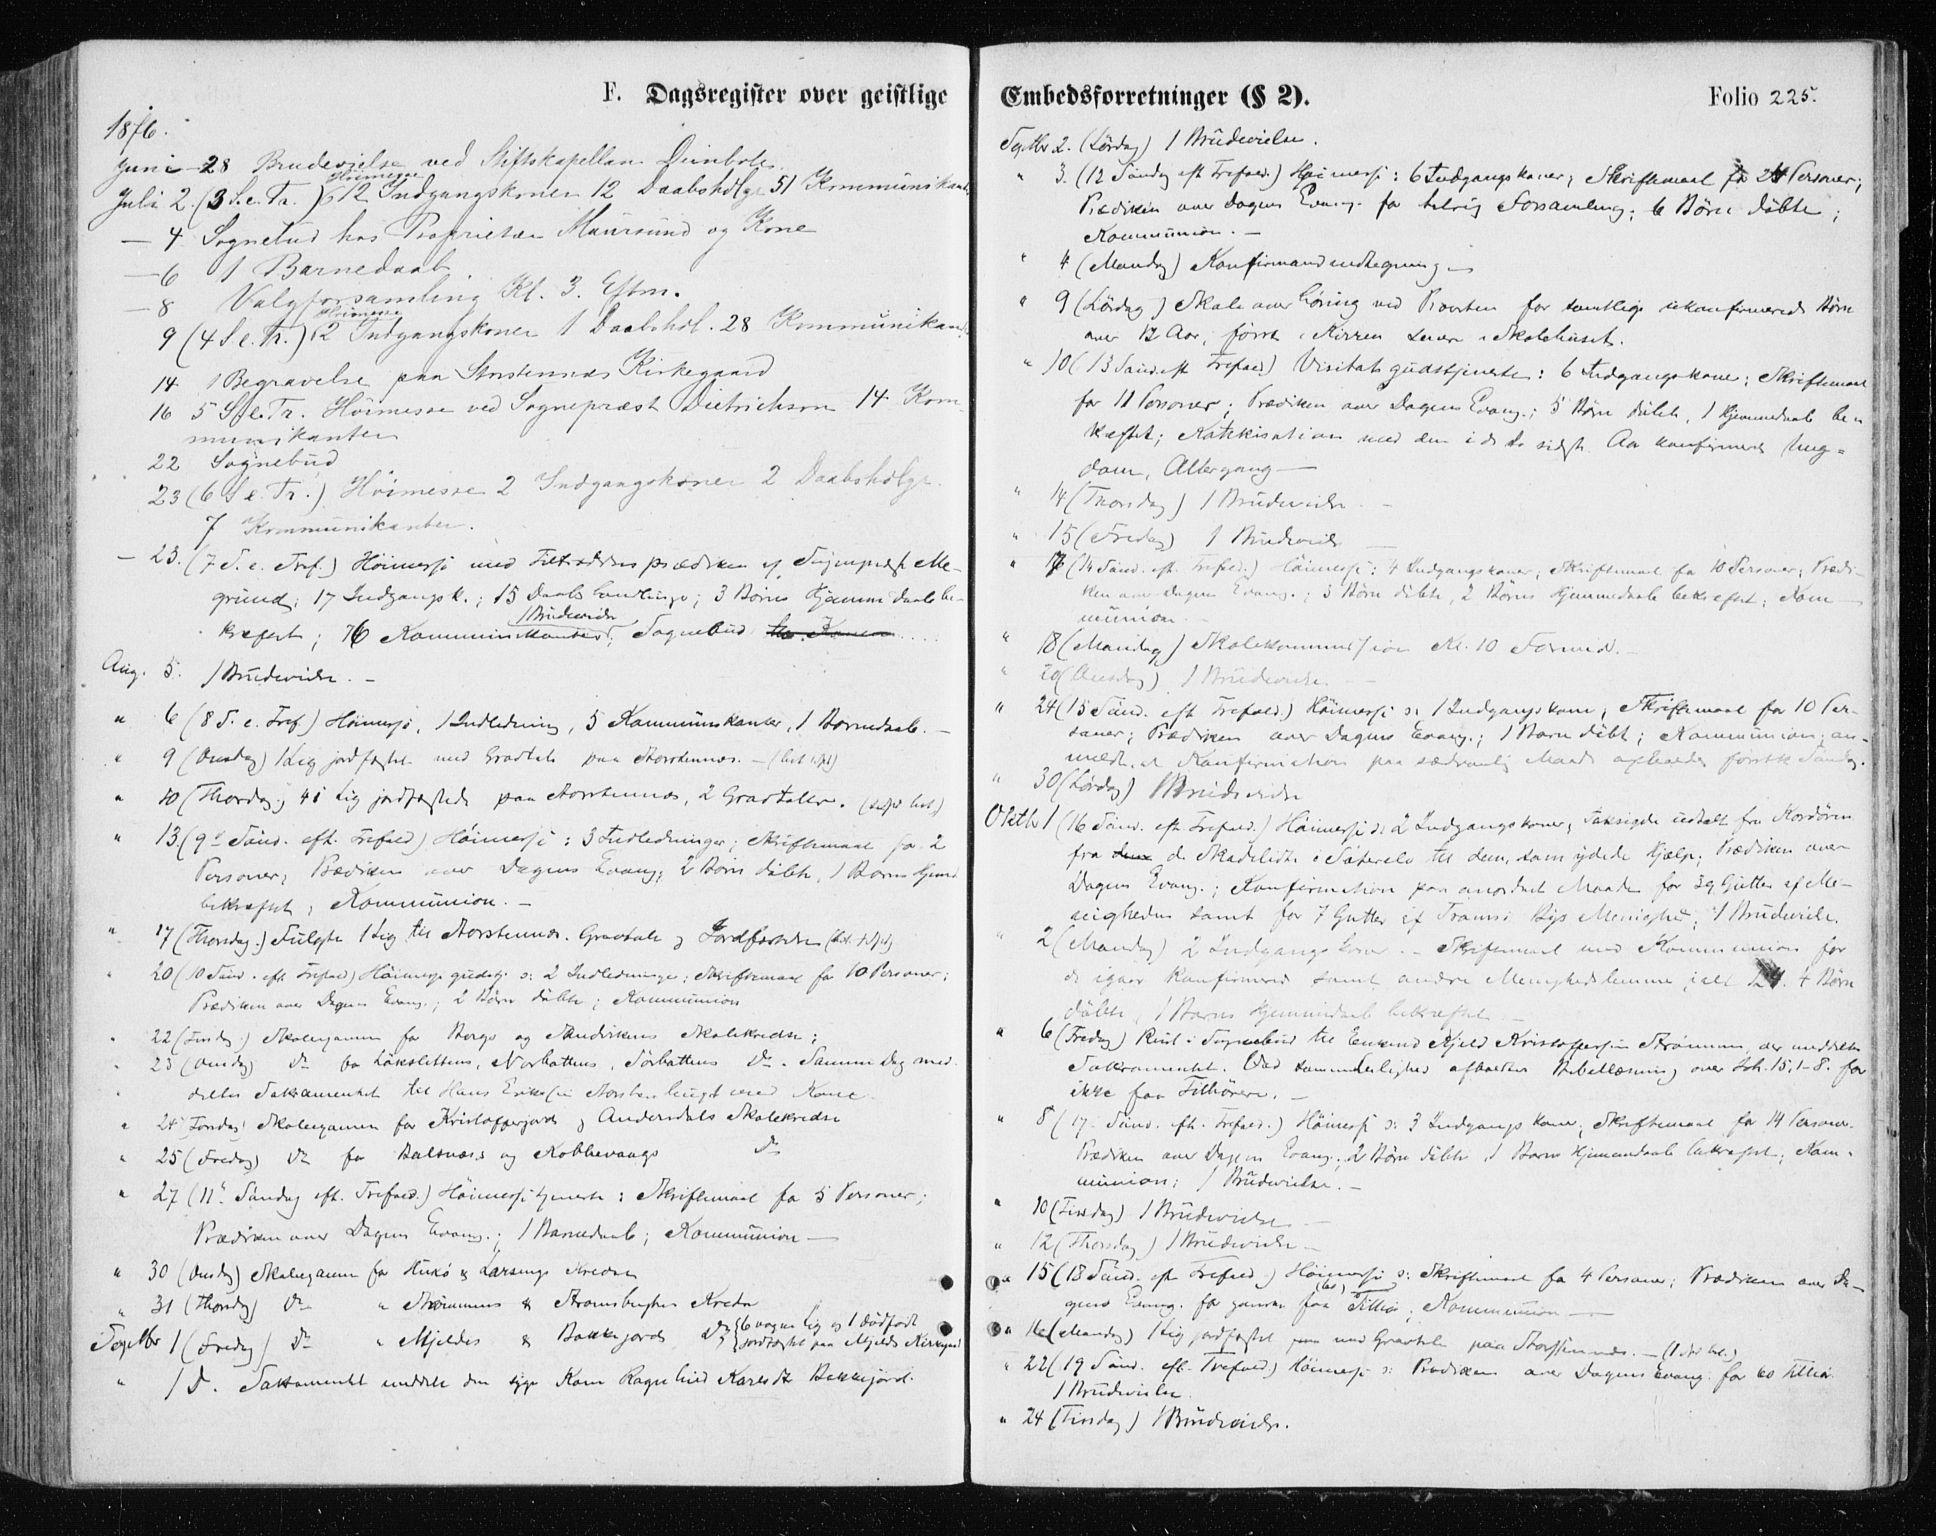 SATØ, Tromsøysund sokneprestkontor, G/Ga/L0003kirke: Ministerialbok nr. 3, 1875-1880, s. 225